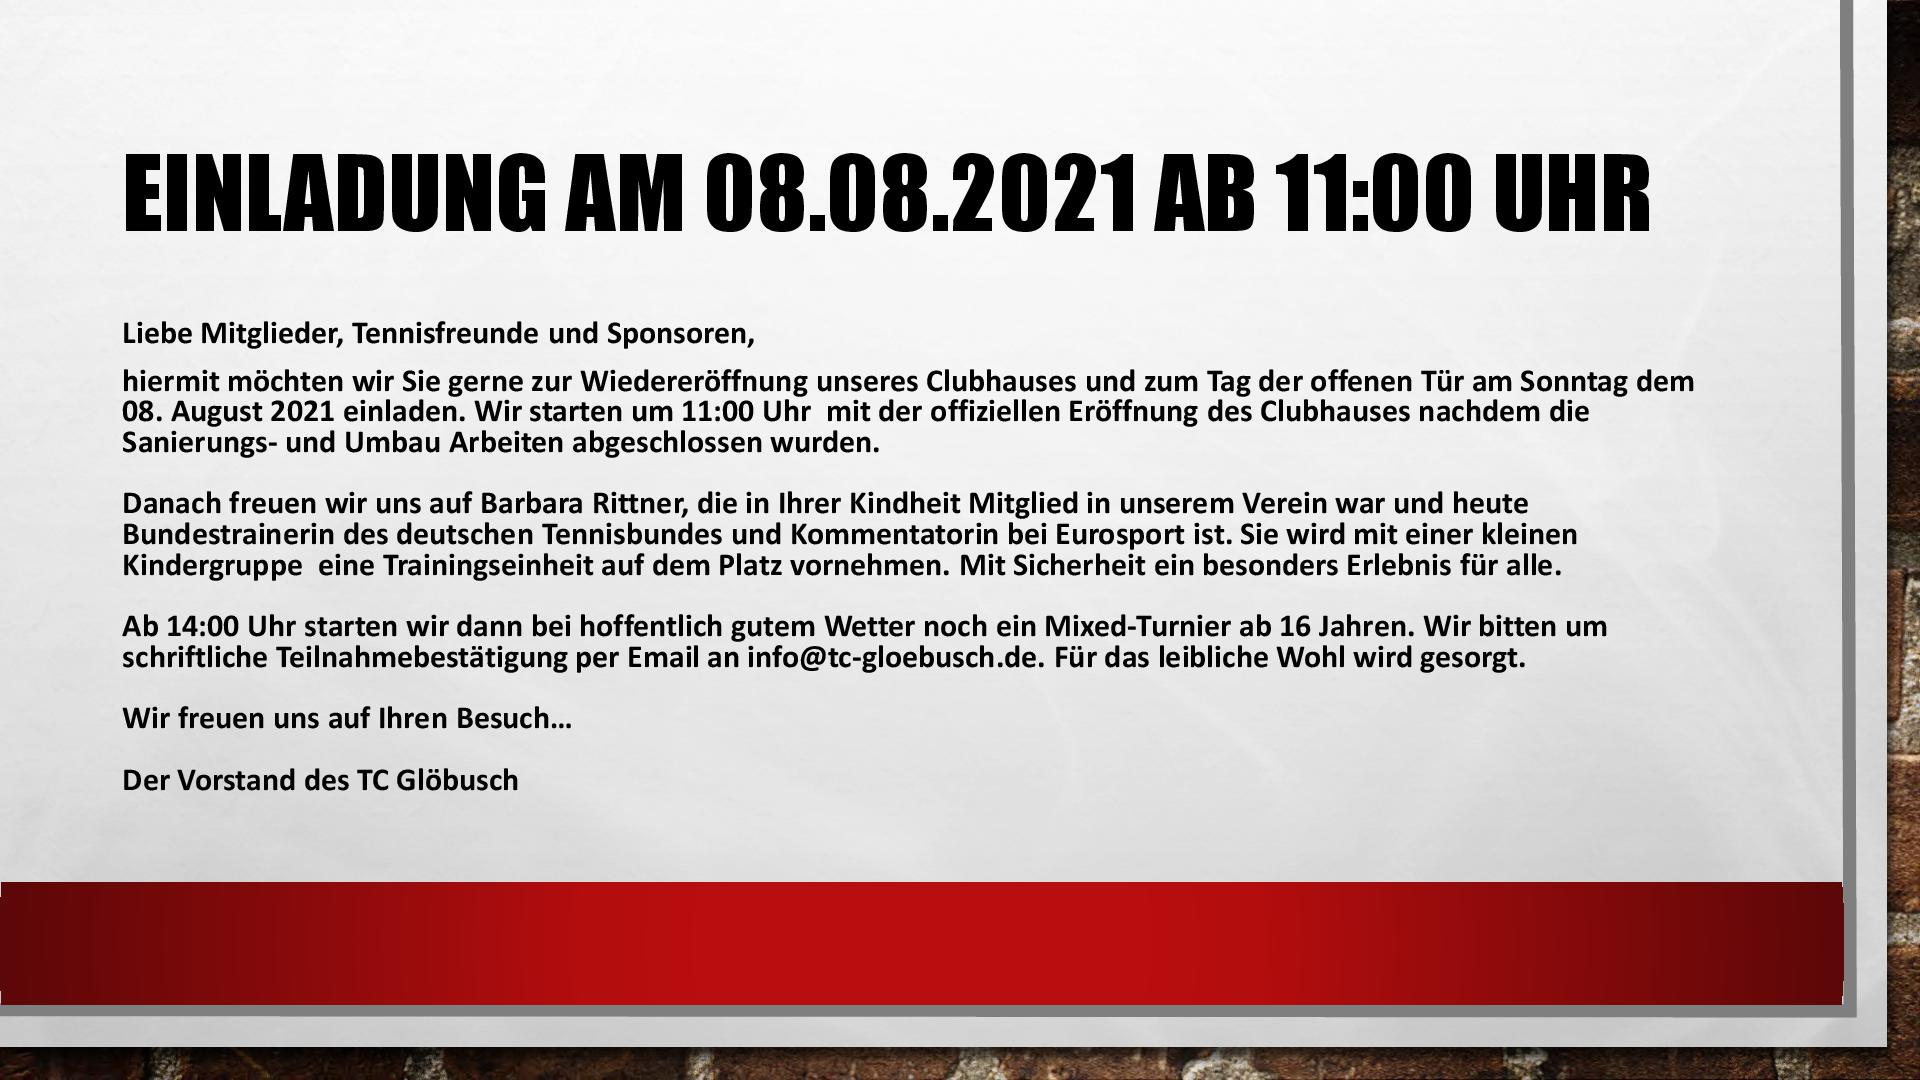 Einladung Clubhauseröffnung 08.08.2021-002